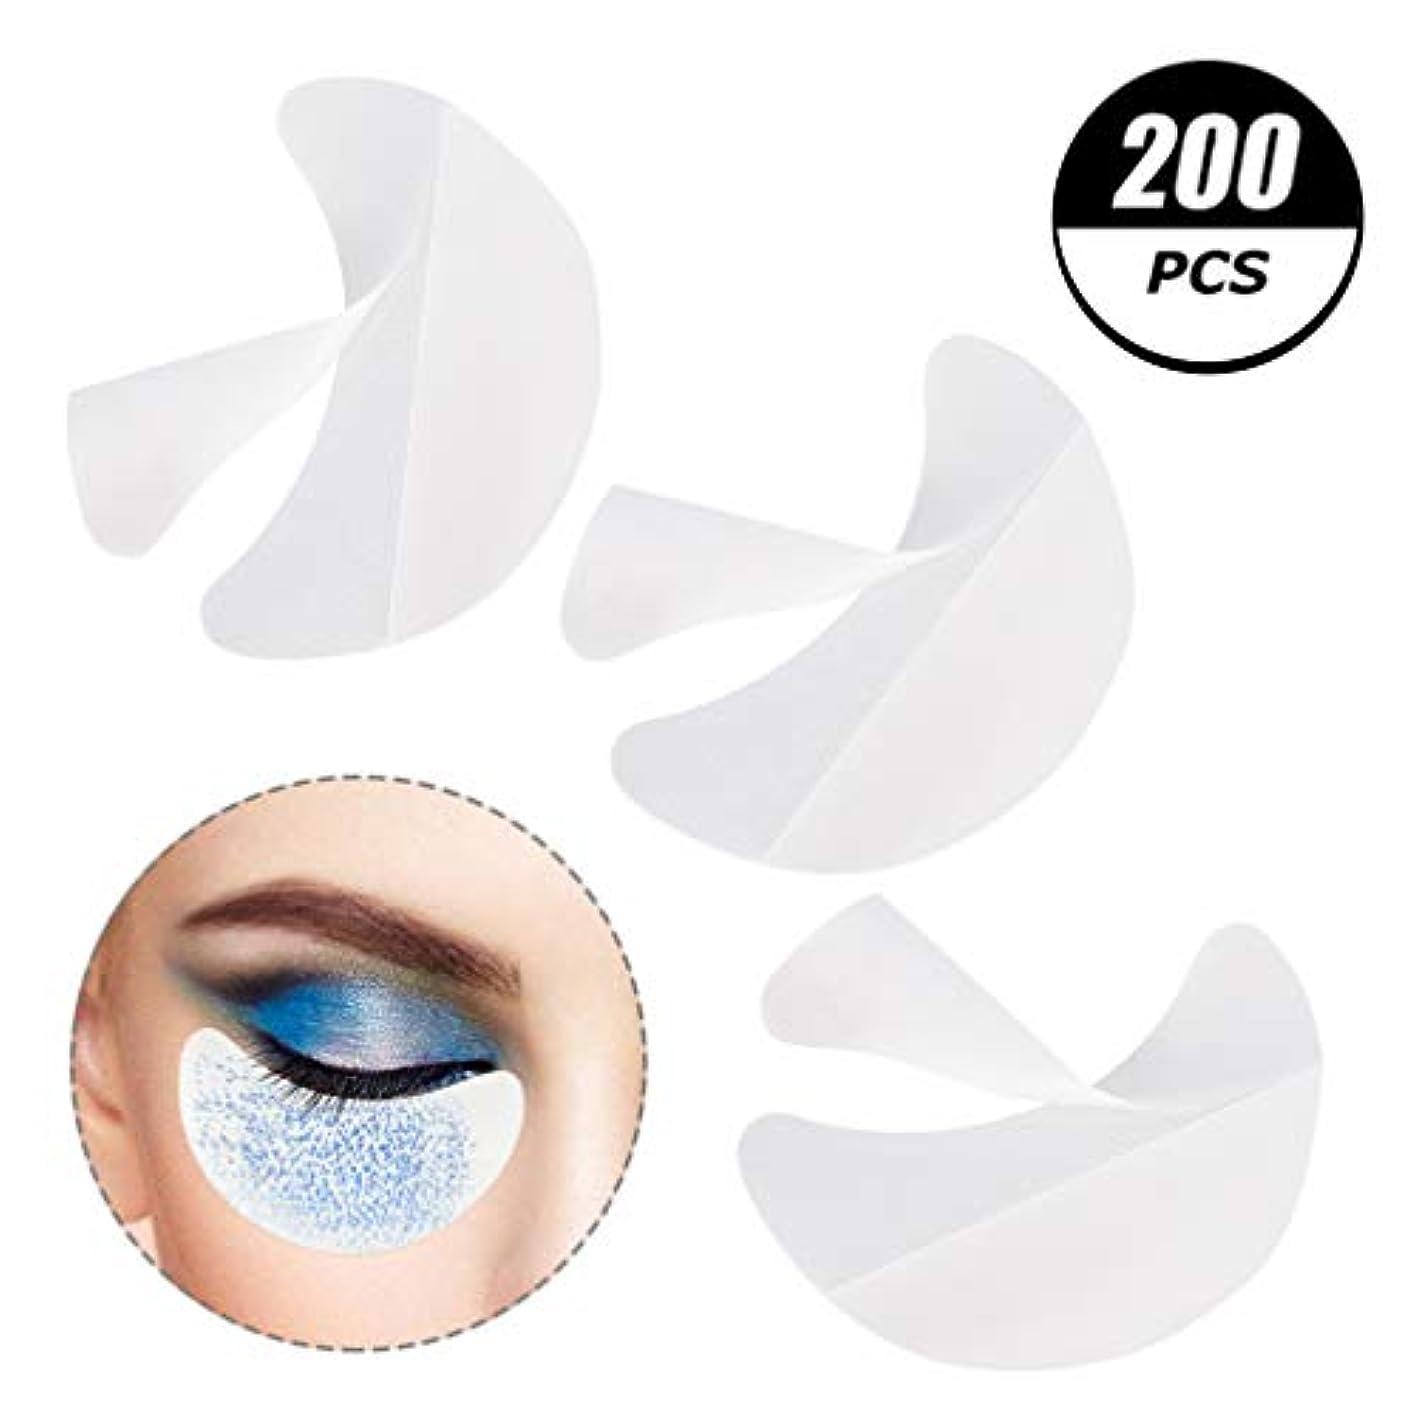 ランタン改革プレートYoshilimen まつげエクステンションを防止するための比類のない200個のアイシャドウシールドアイメイクパッドアイシャドーステンシル、着色と唇化粧残渣化粧品